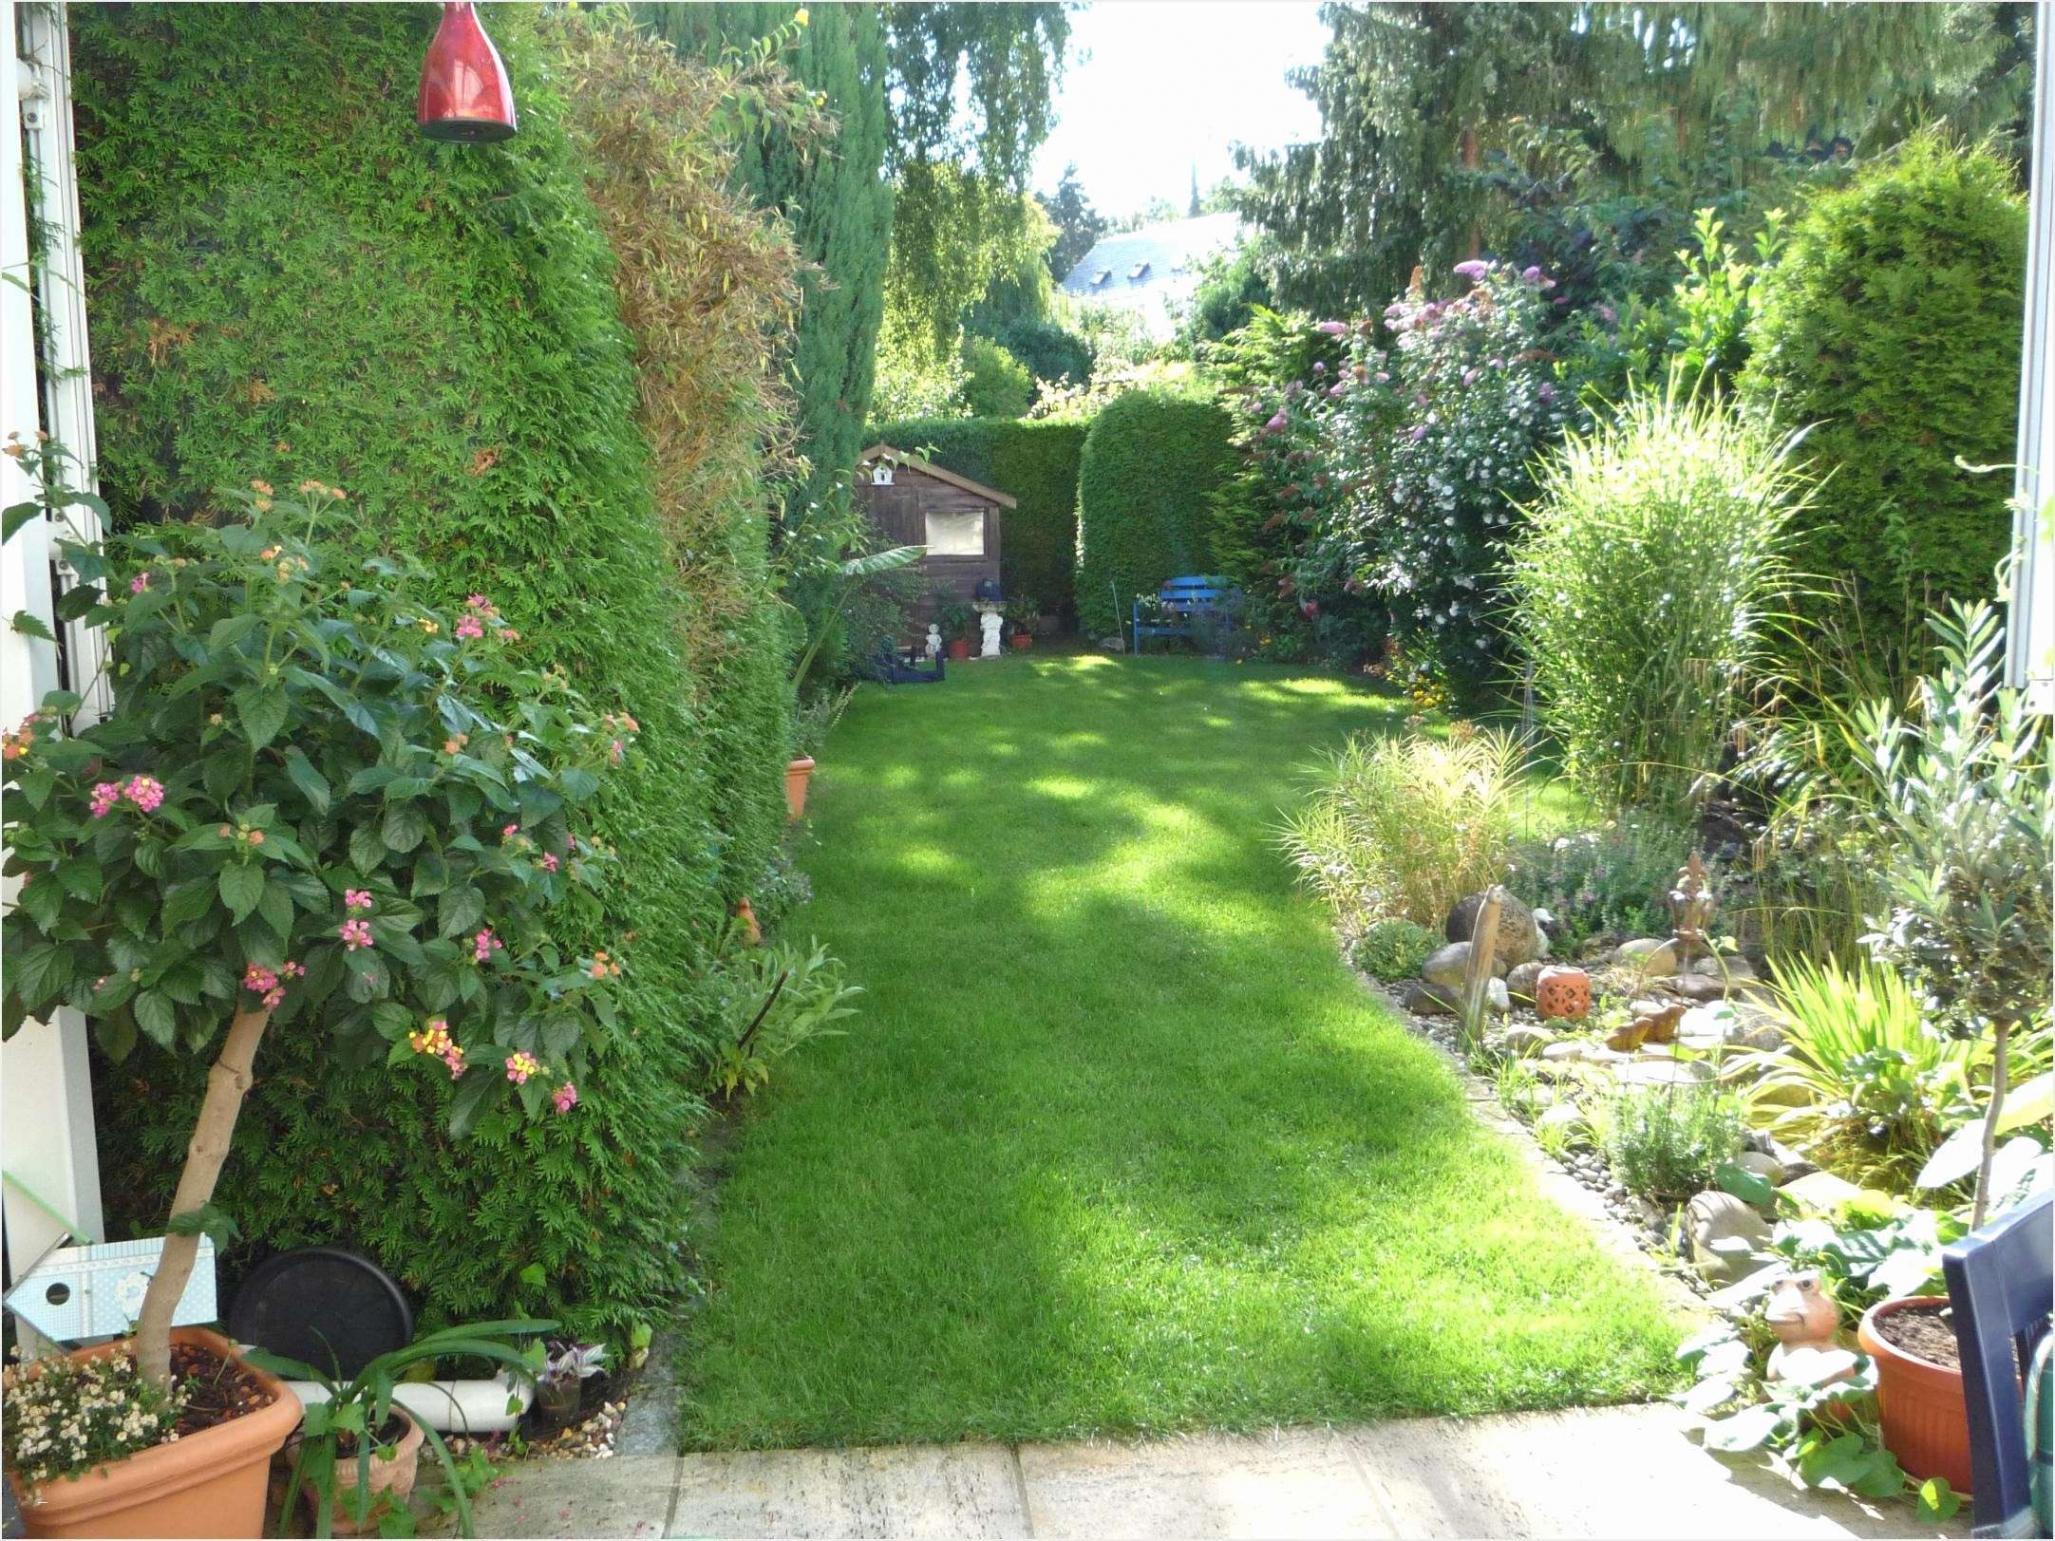 Bachlauf Im Garten Inspirierend Gartengestaltung Ideen Mit Steinen — Temobardz Home Blog